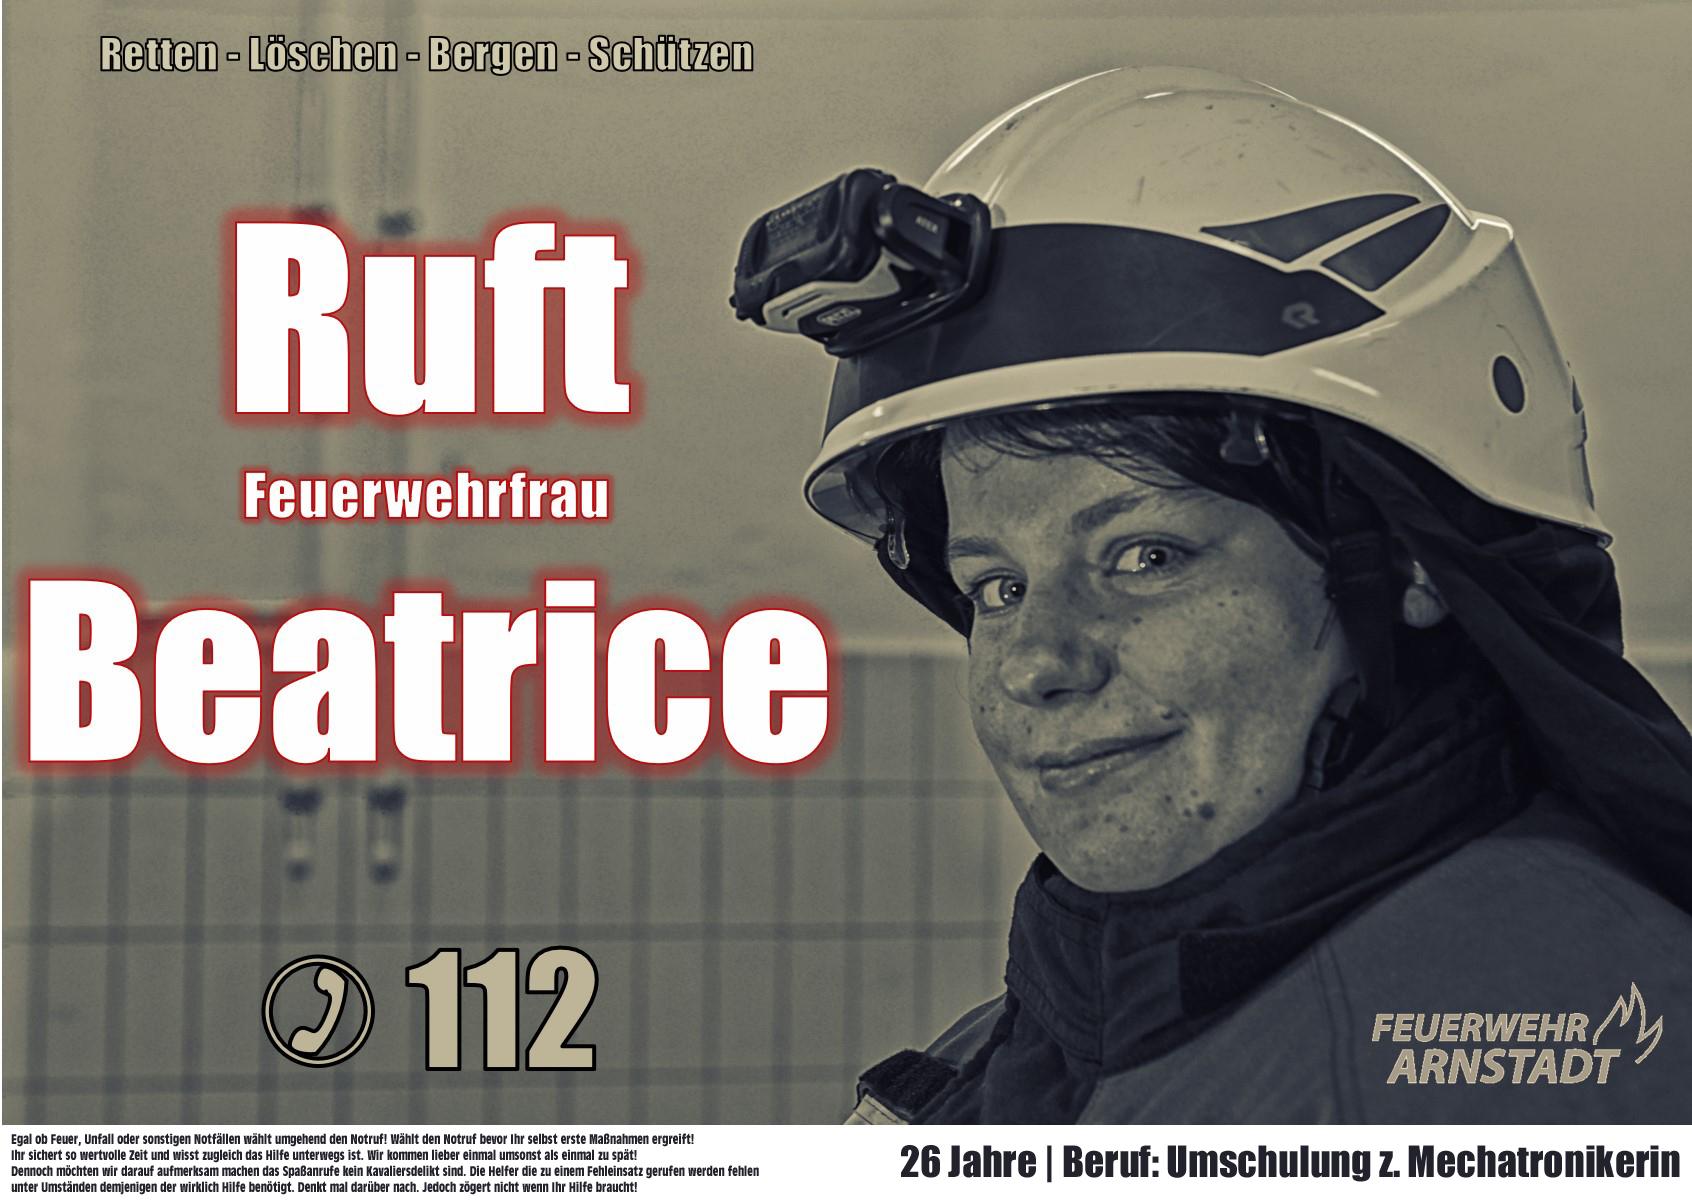 Bild 39_Ruft_Feuerwehrfrau Beatrice